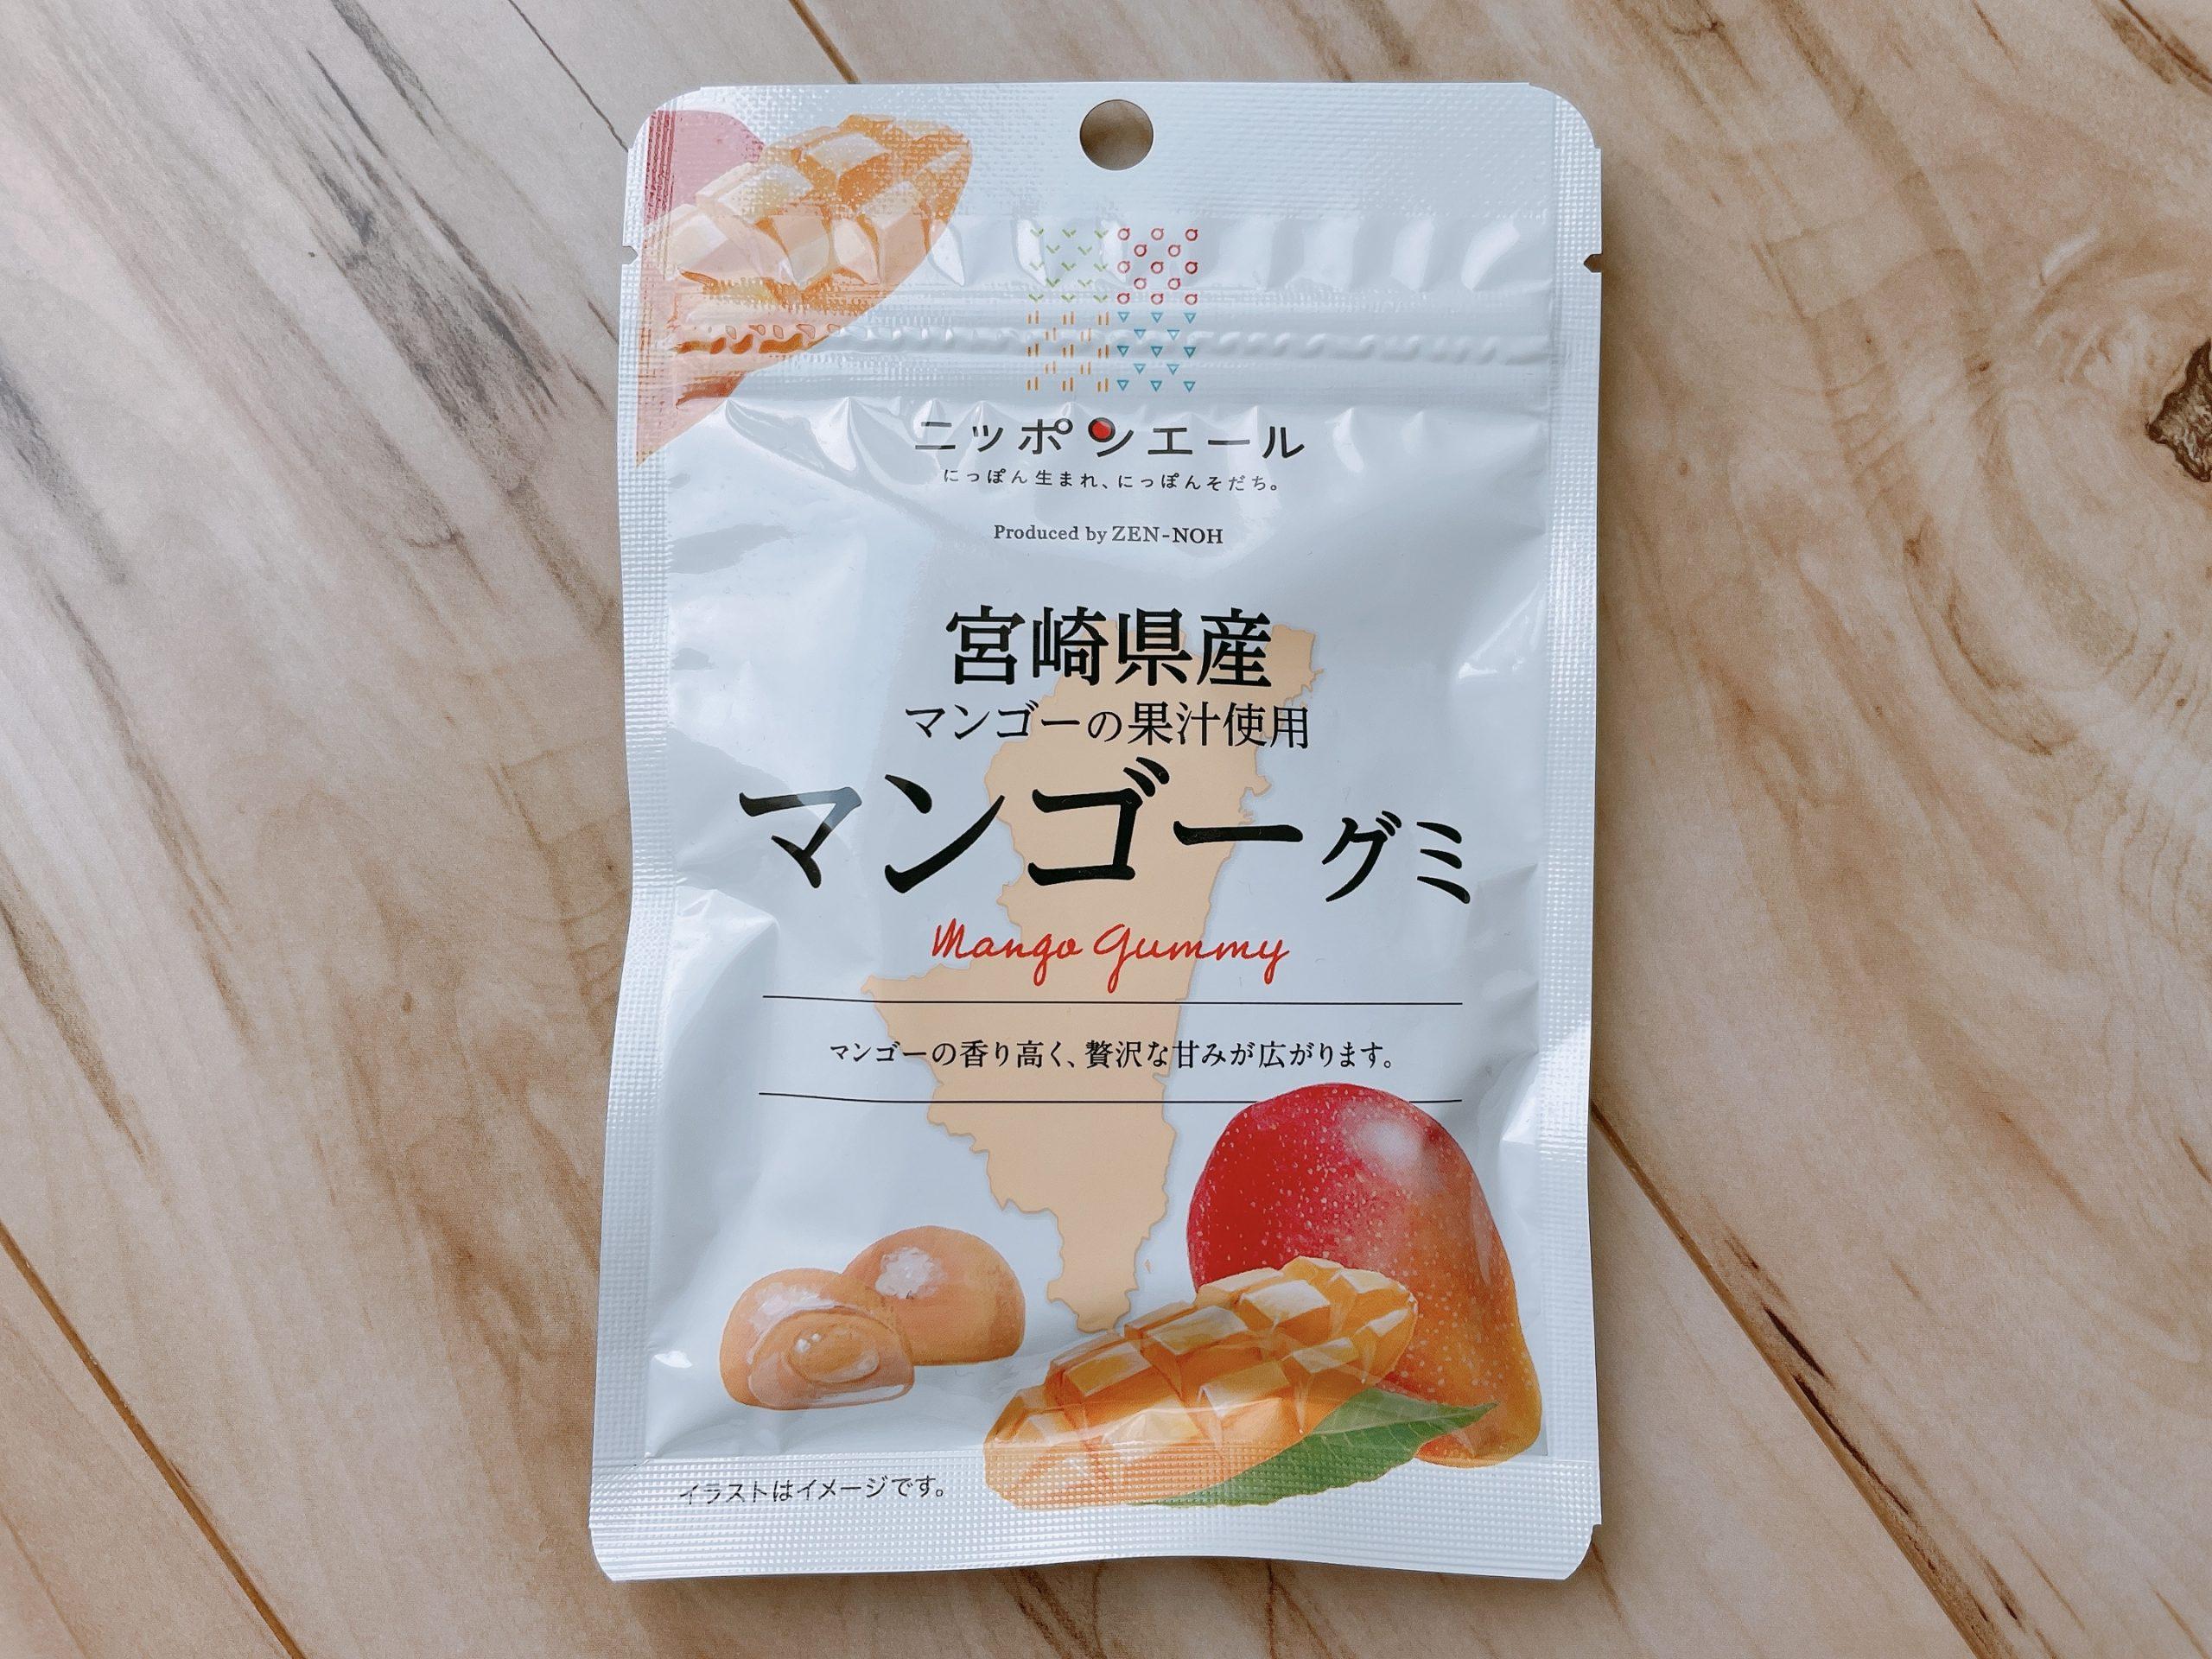 ニッポンエールの宮崎県産マンゴーグミ、パッケージ